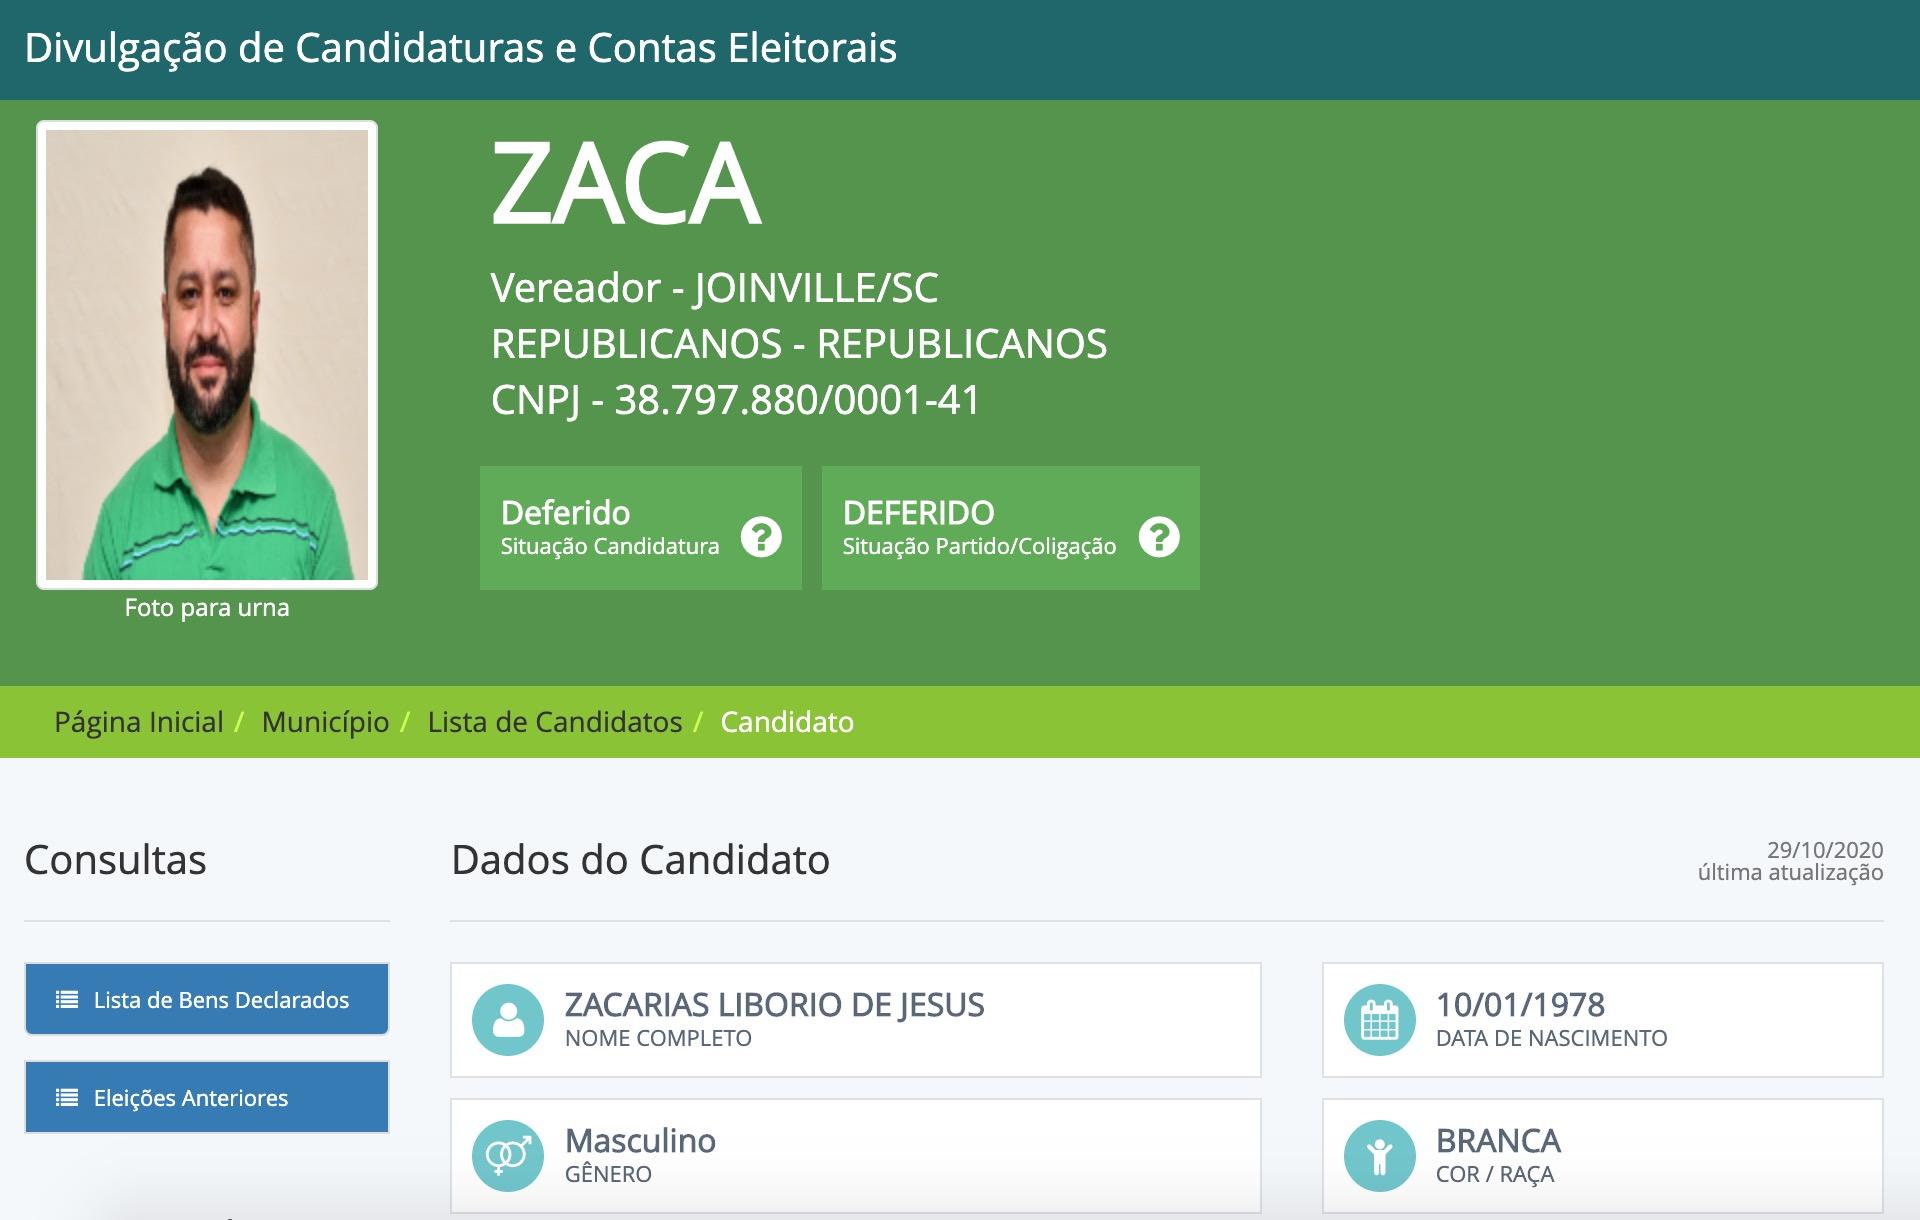 Candidato a vereador com patrimônio de R$ 26 milhões recebeu auxílio emergencial - CGN